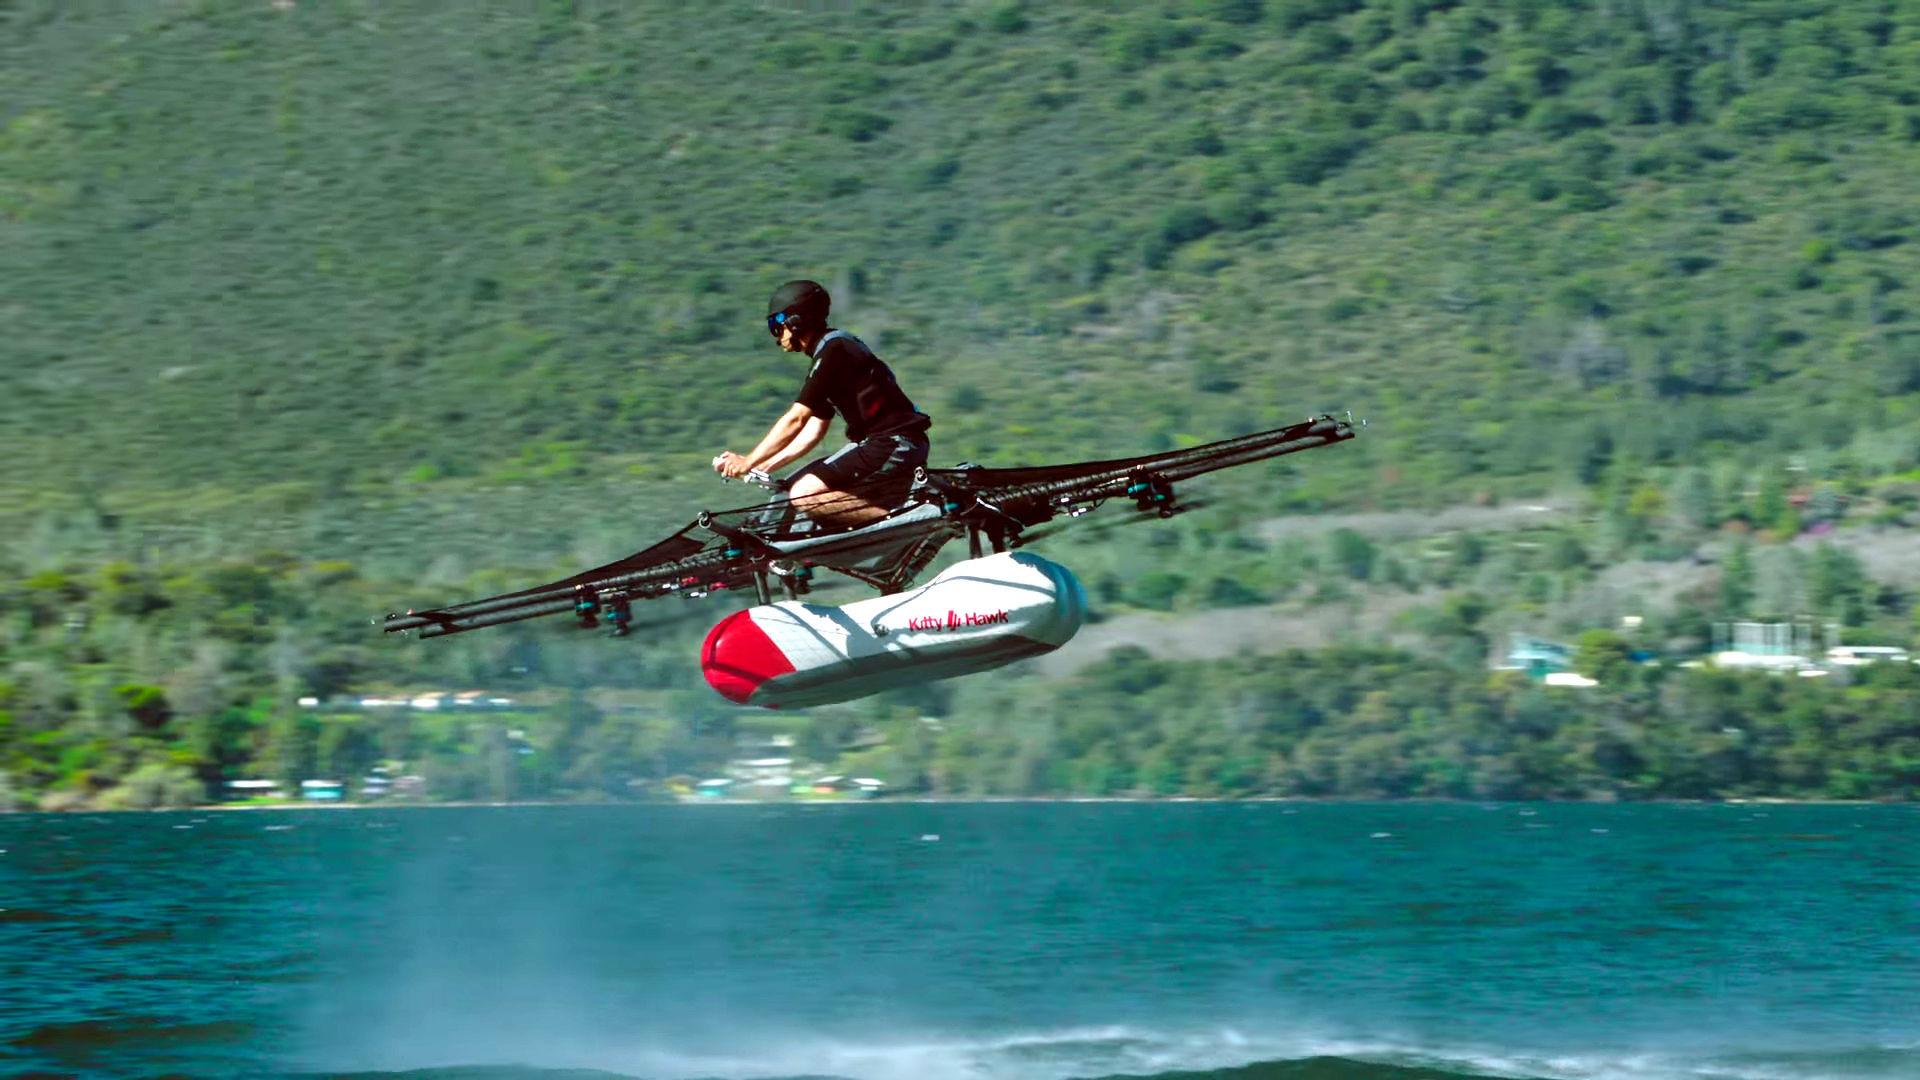 لاري بايج .. قائد ثورة تكنولوجيا السيارات الطائرة